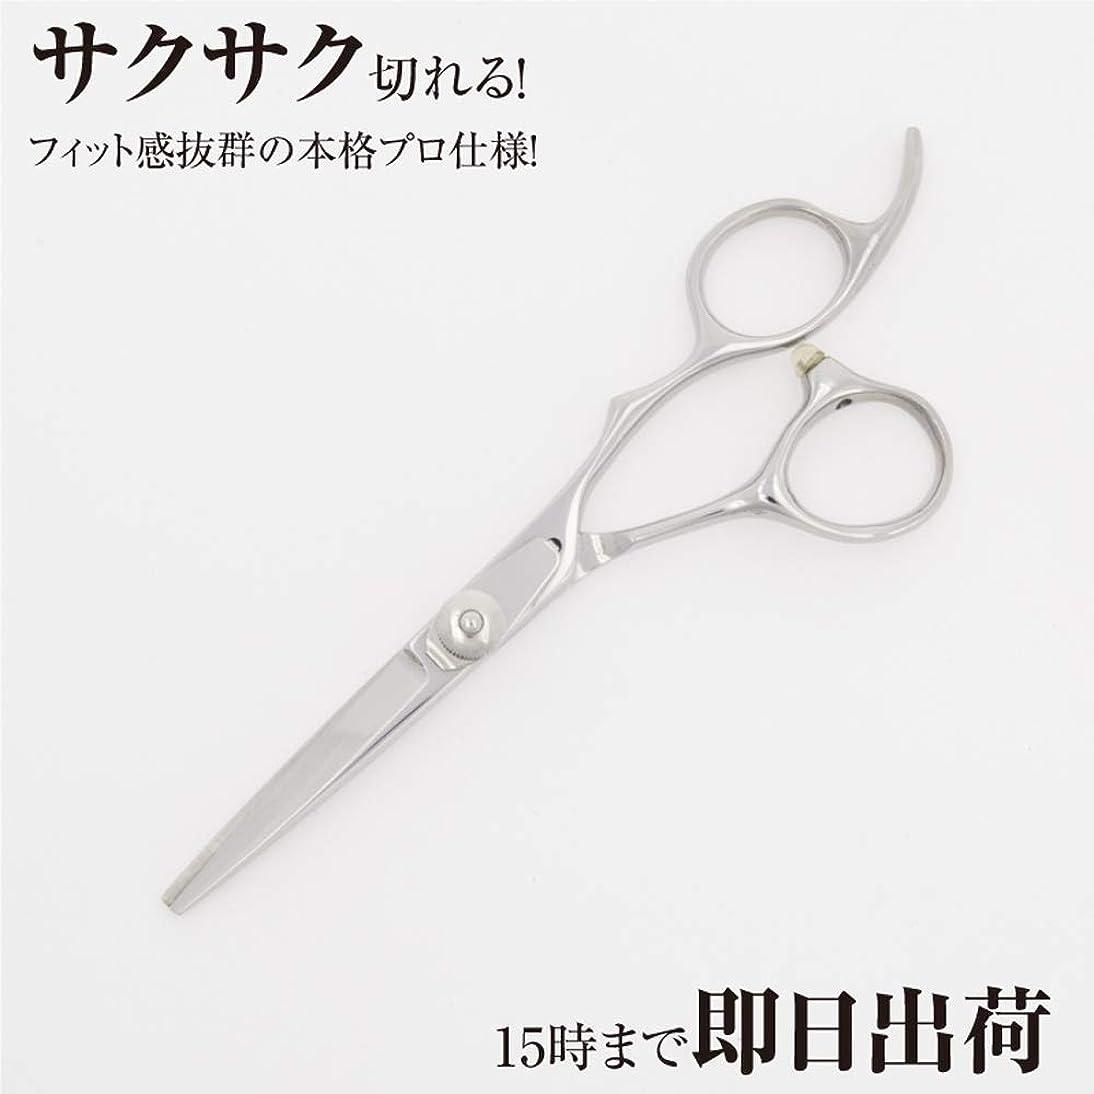 予測くしゃみ子音DEEDS 日本の鋏専門メーカー XP-01 シザー (5.5インチ) 美容師 ヘアカット プロ用 鍛造仕上げ